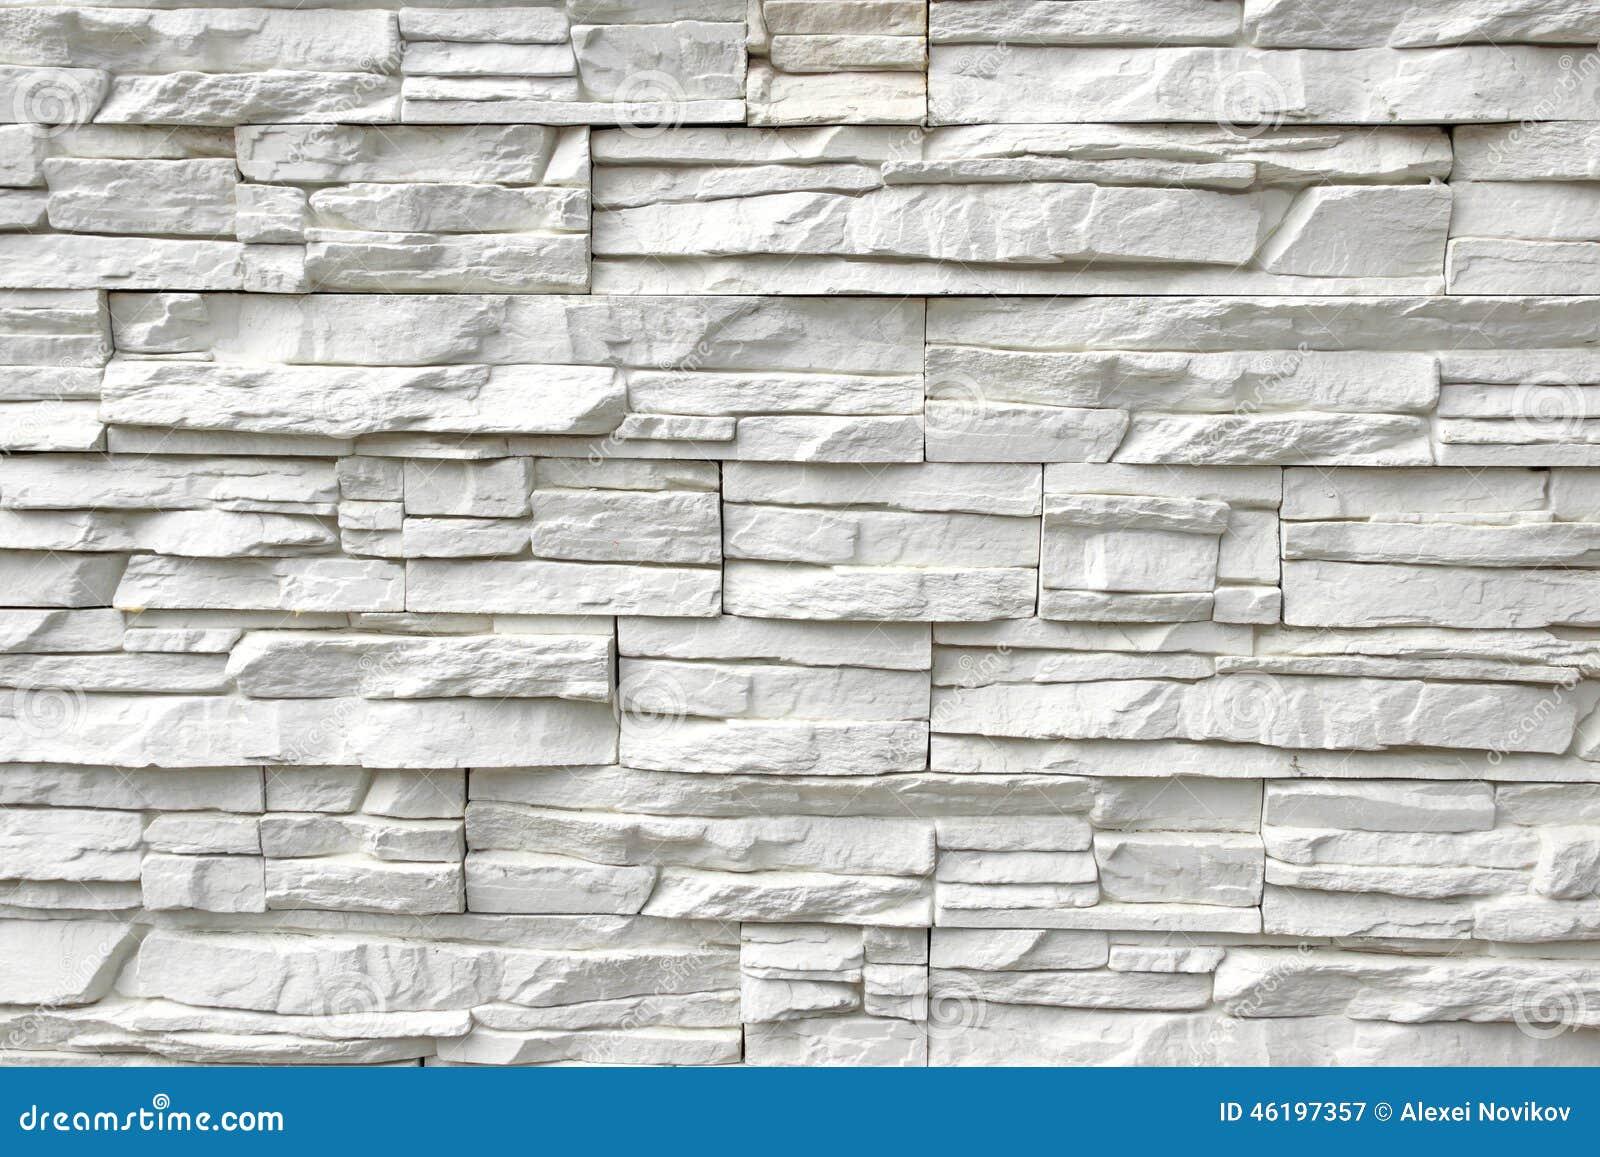 Weiße Kunststein-Wand Hintergrund und Beschaffenheit für Text oder ...